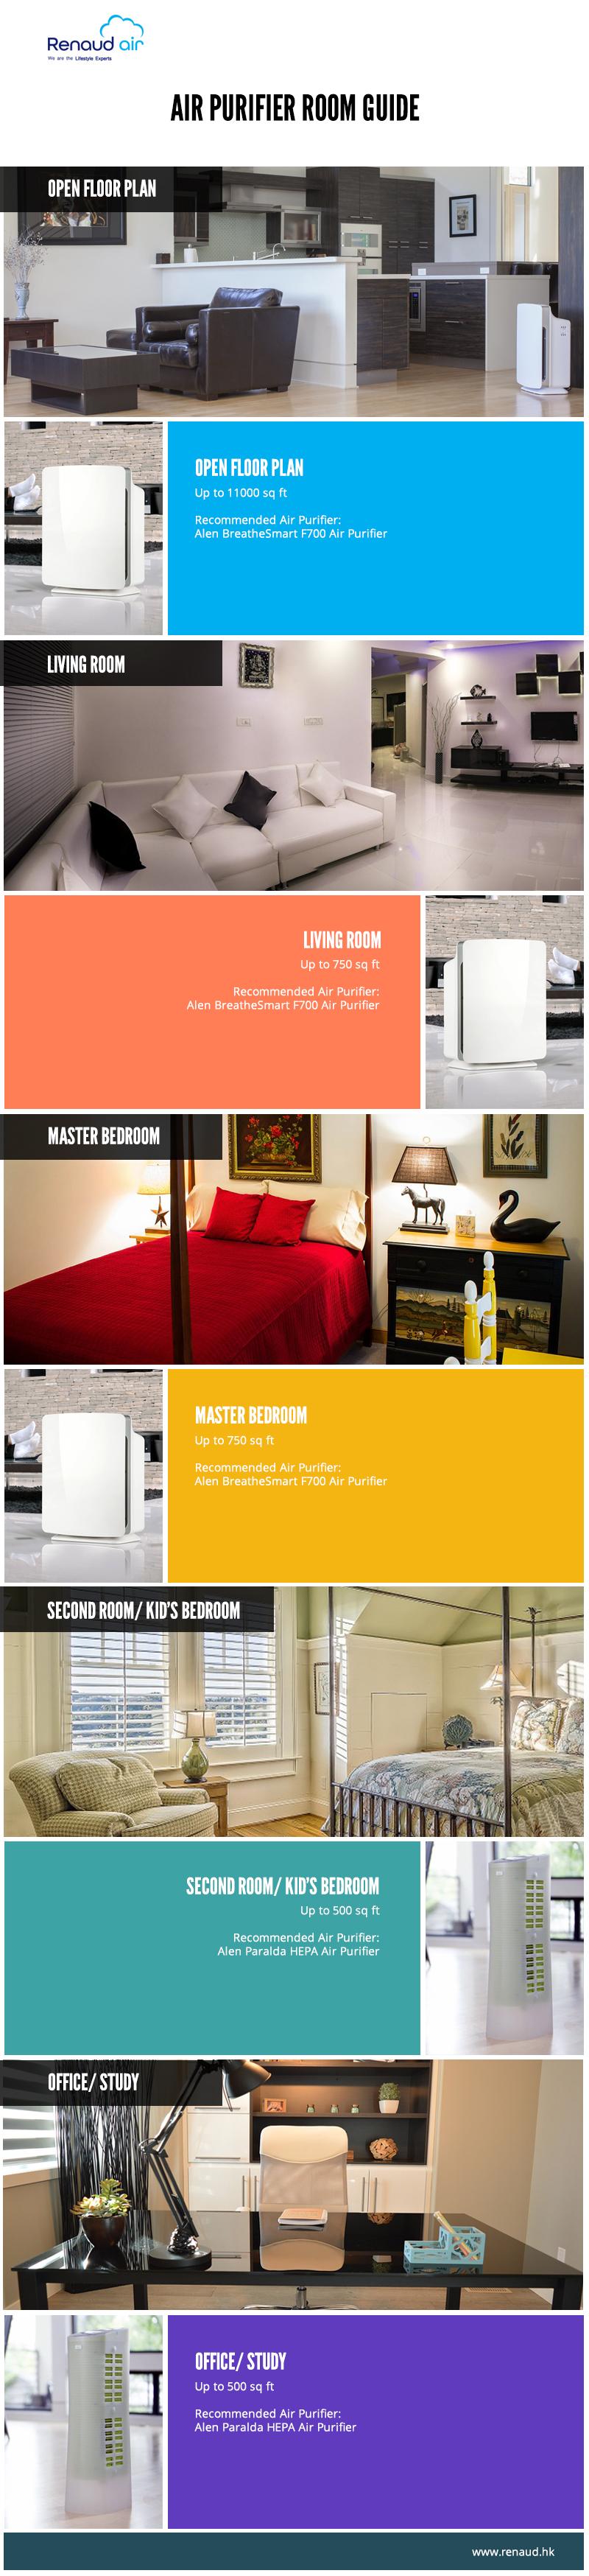 Air Purifier Room Guide Hong Kong